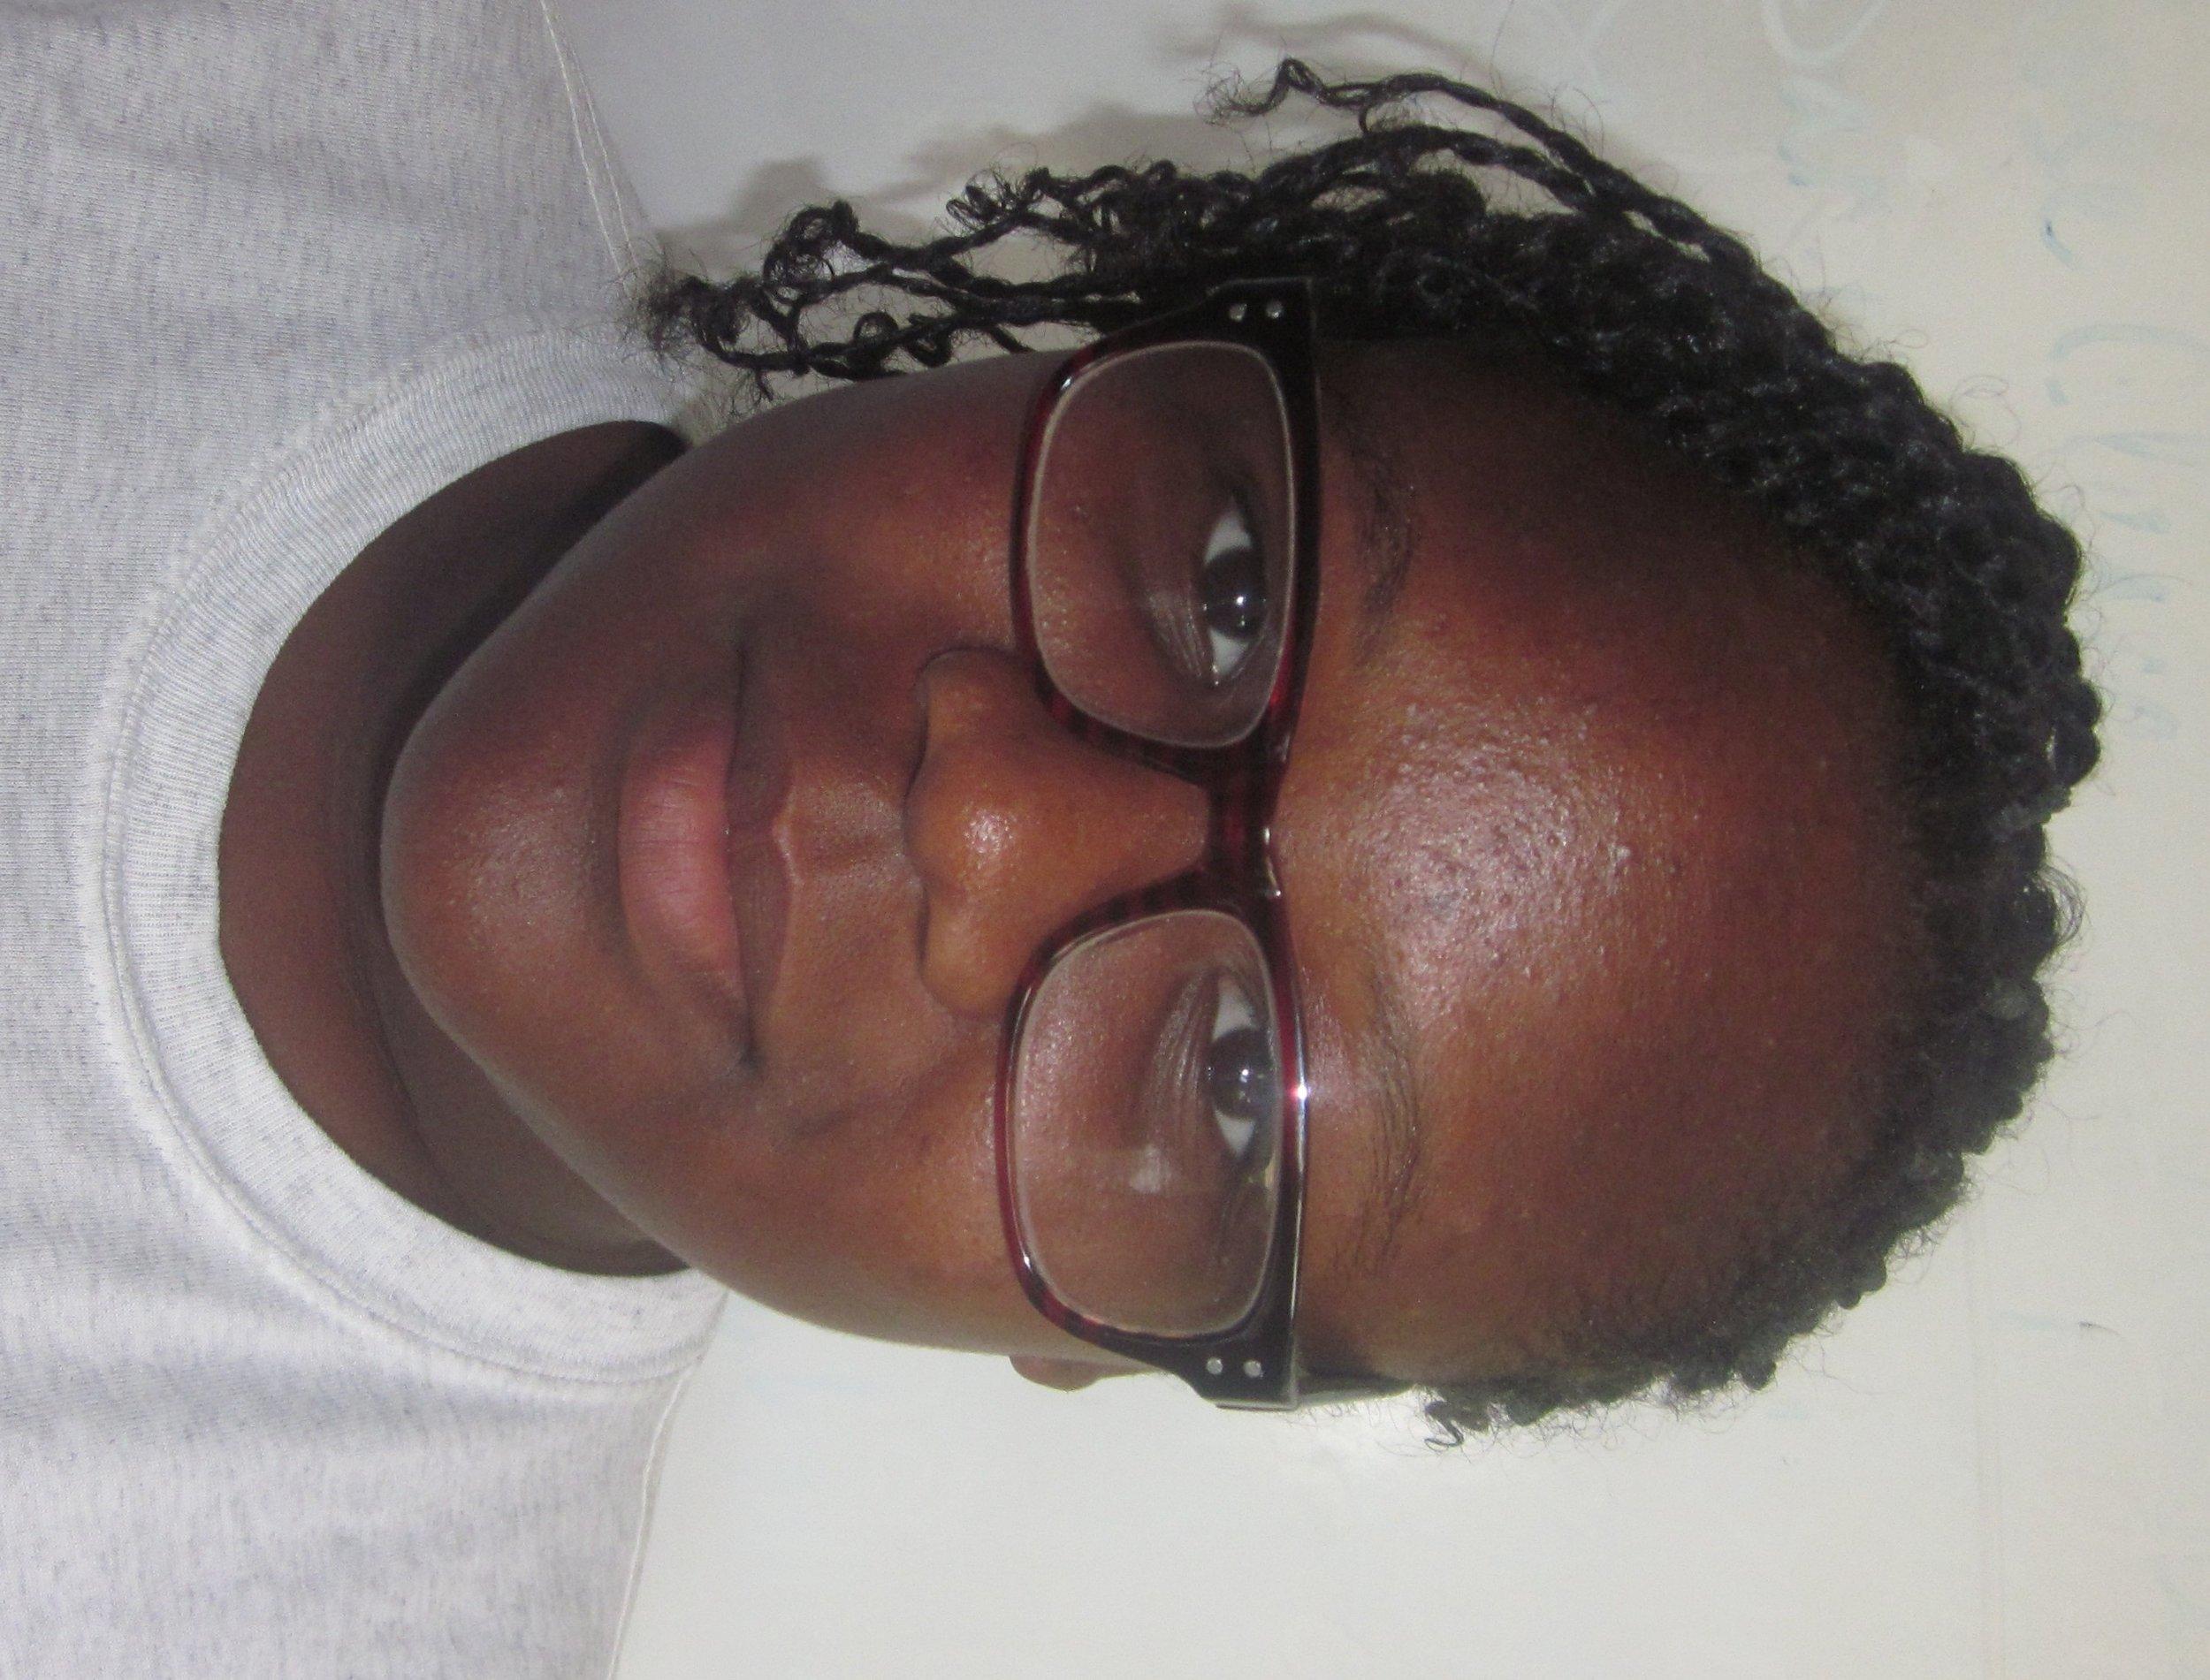 Shawnea Neeily will be attending the Darrow School in New Lebanon, NY.